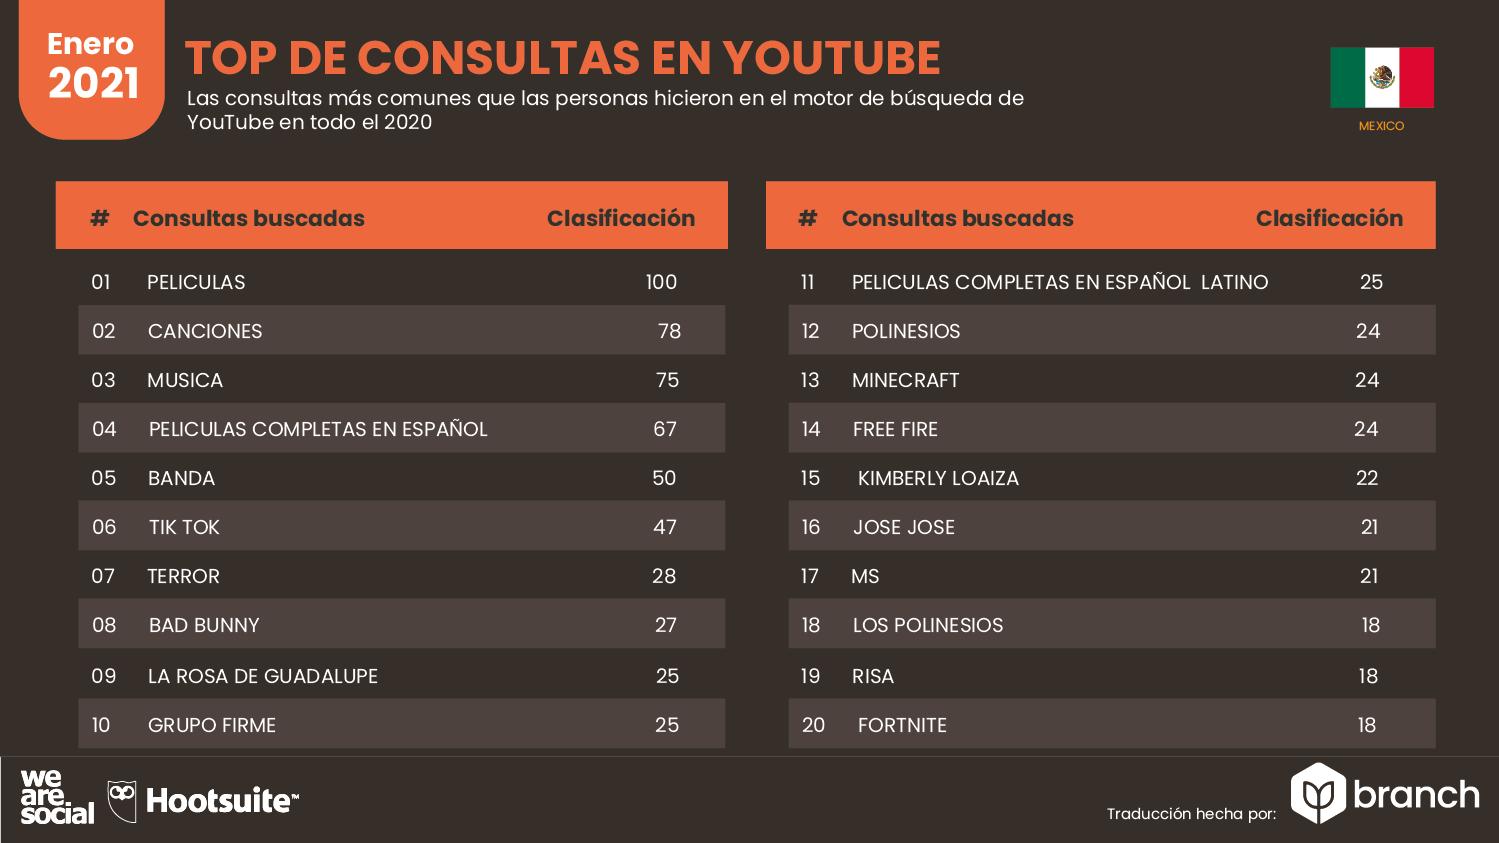 top-de-consultas-en-youtube-mexico-2020-2021